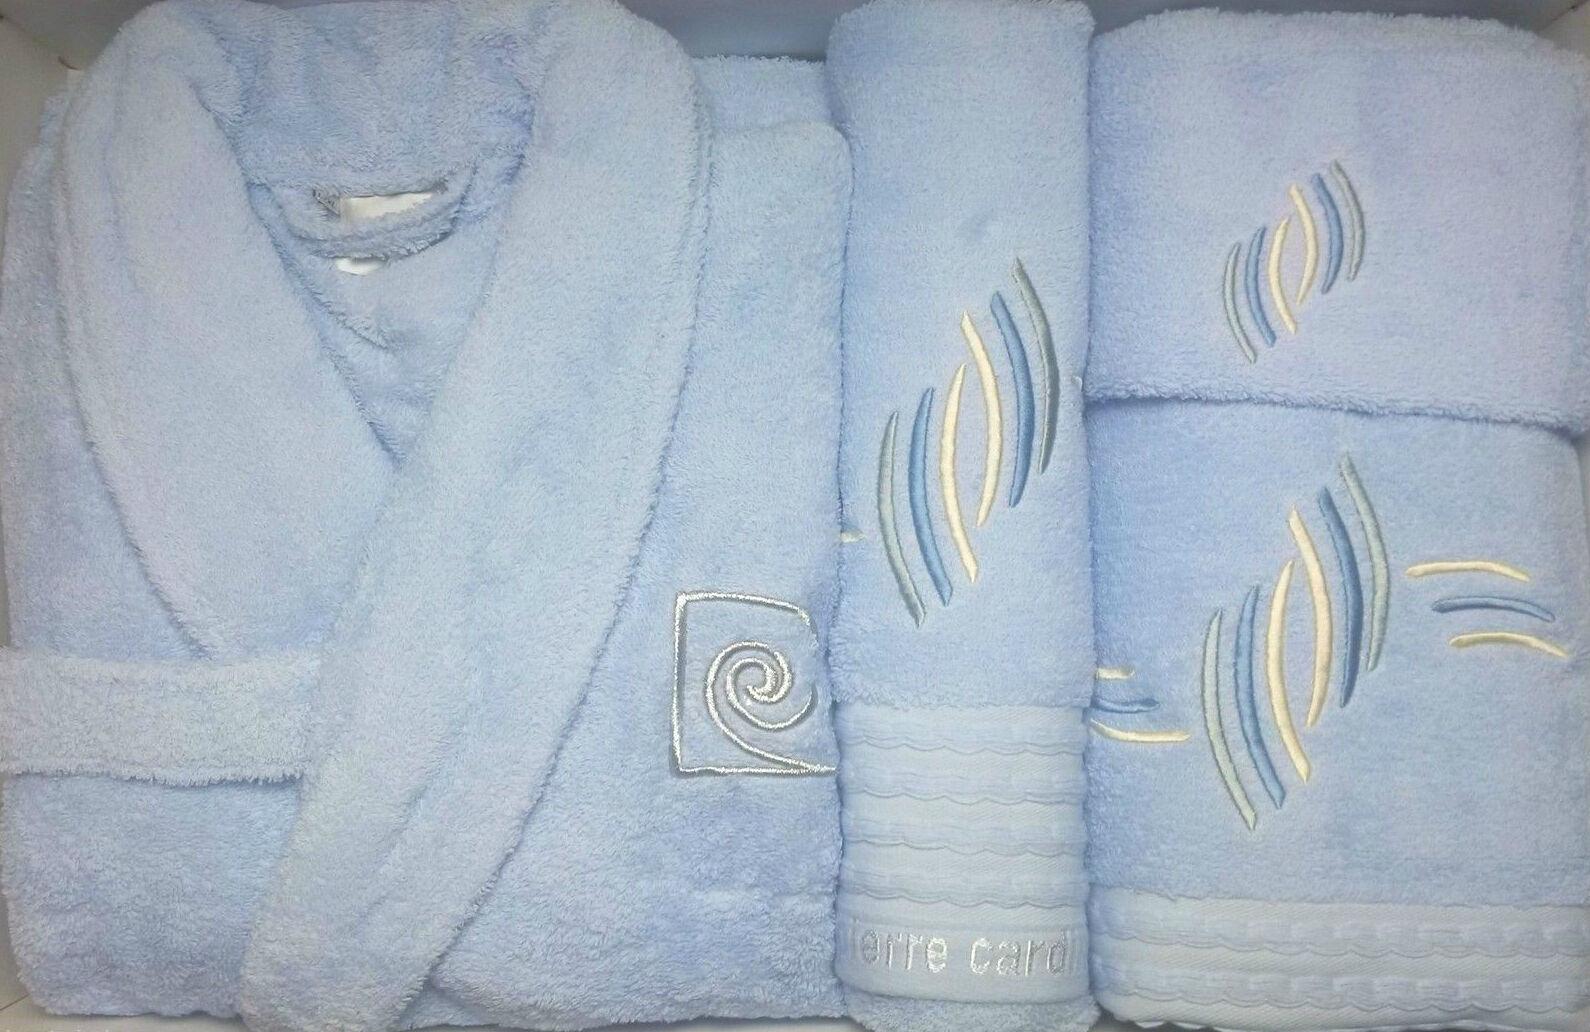 Pierre cardin l xl luxe 4 pièces peignoir serviette set de broderie bleu ciel vagues